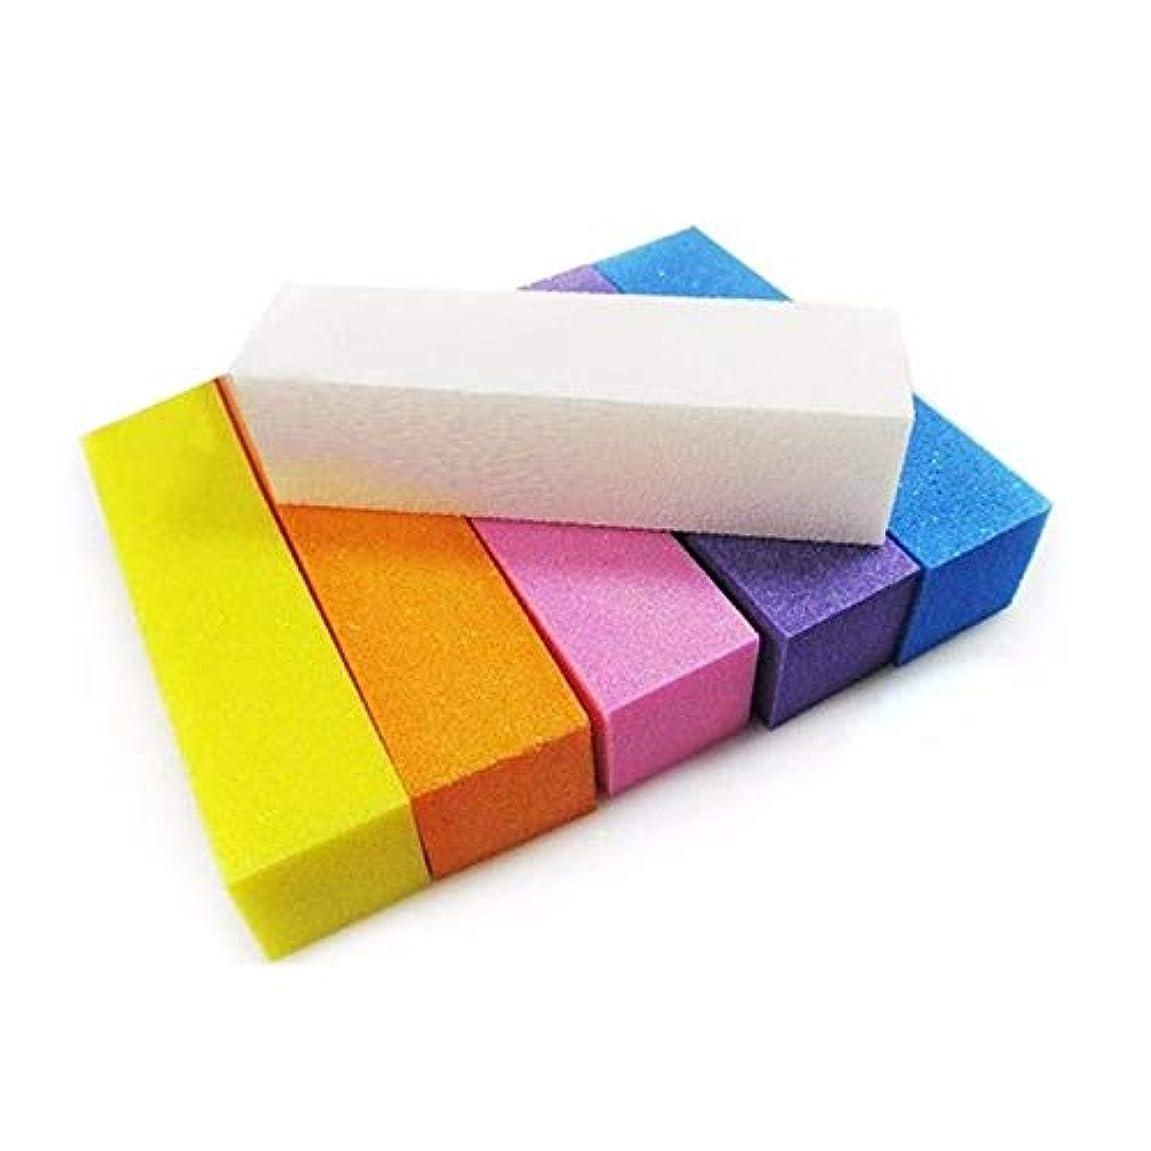 汚染された剛性寺院ネイルブロック バフ研磨 パッドブロック バフ用具 メイクツール 研磨ブロック バフ用具 マニキュアペディキュアケアツール (3個)